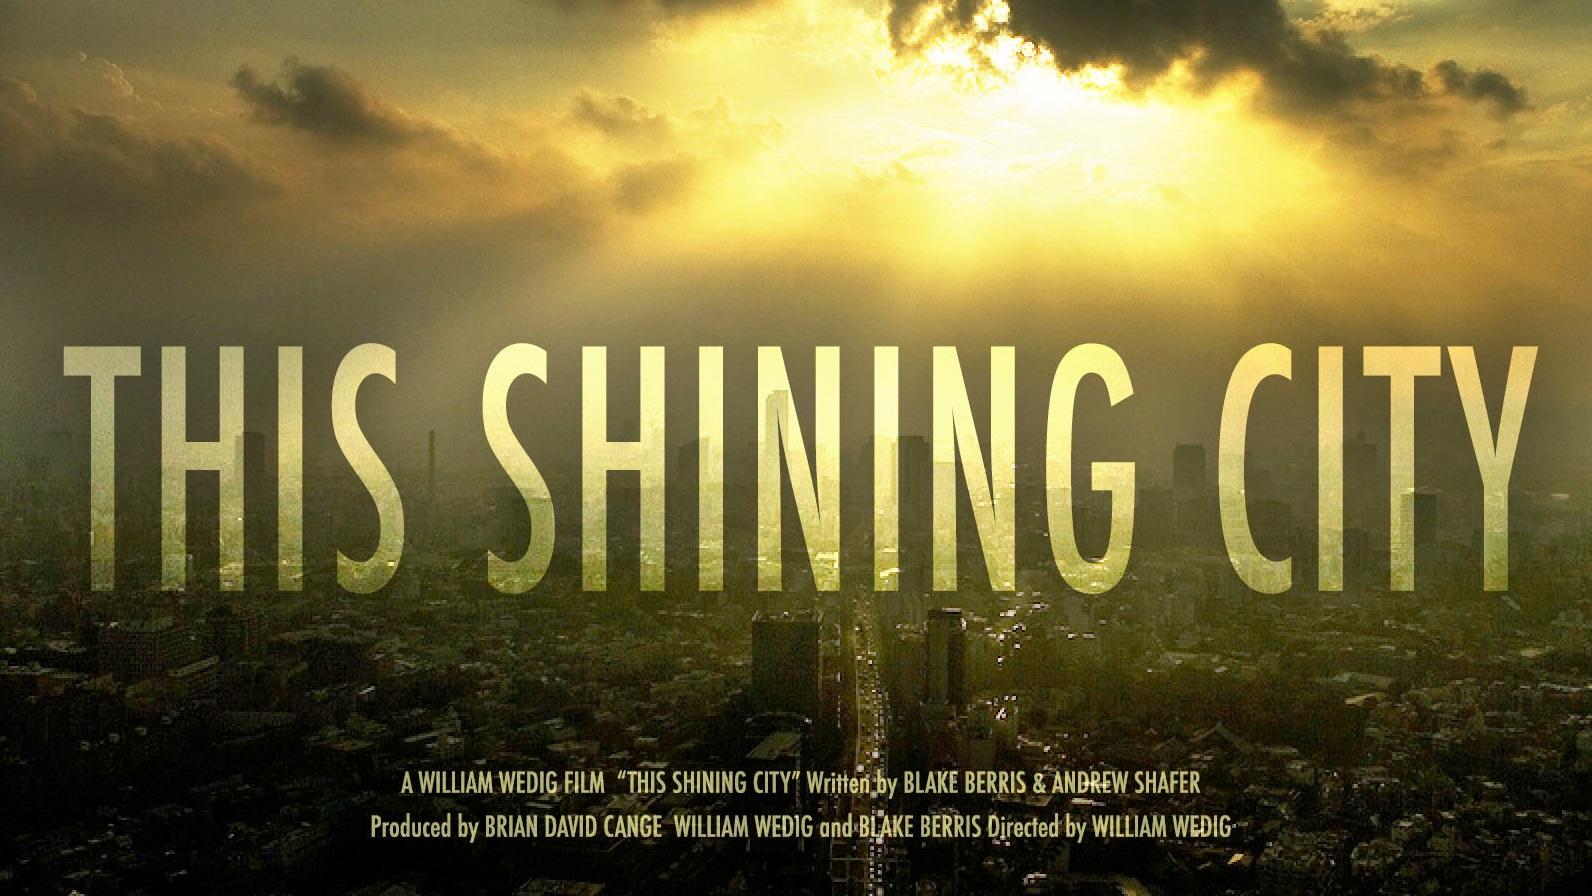 SHINING CITY [film]